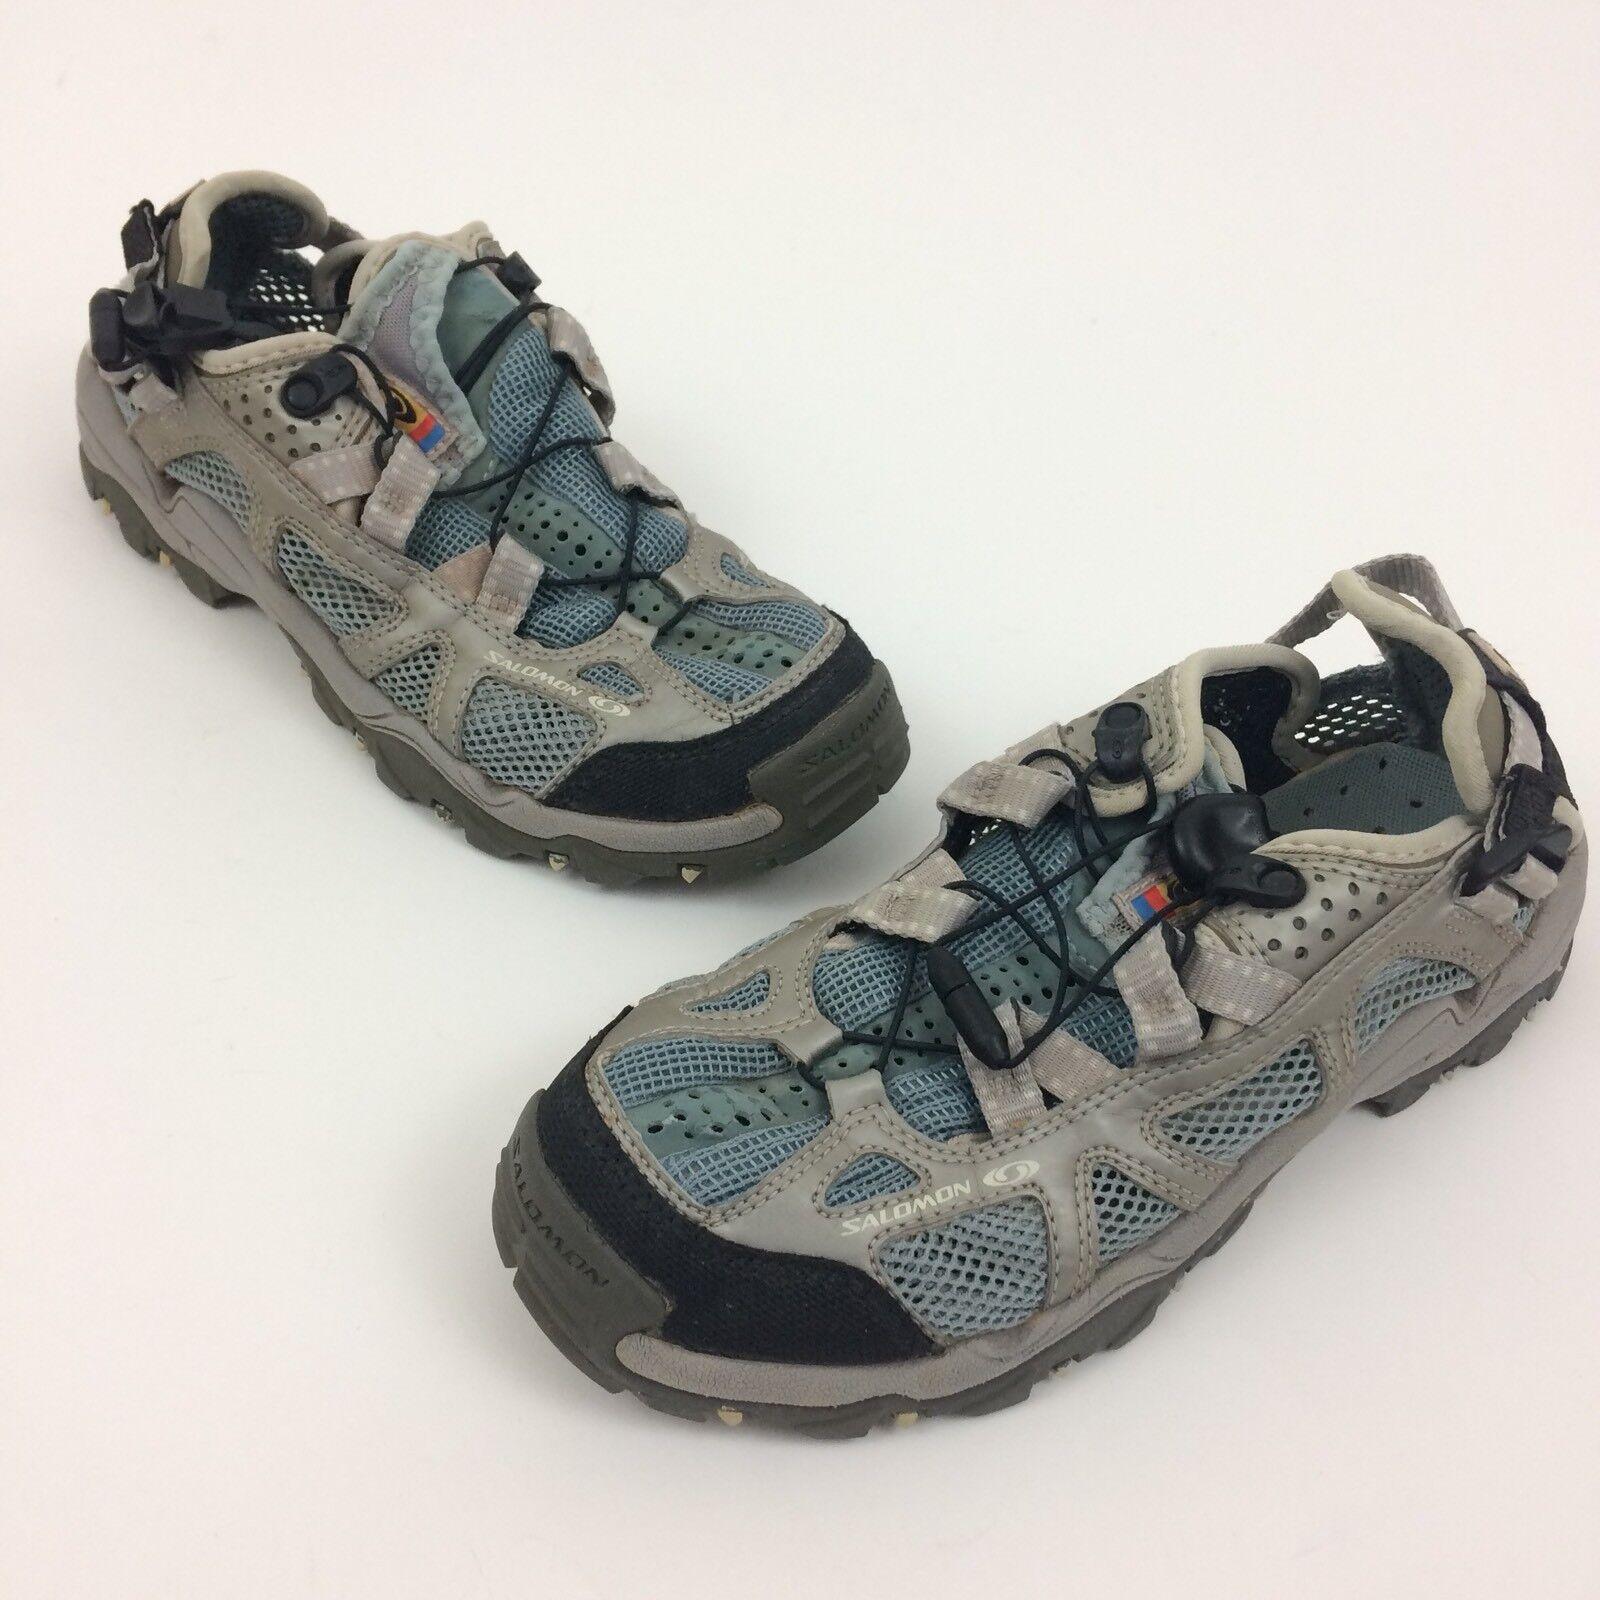 Zapatos para Deportivos Salomon Contagrip para senderismo y Malla gris para Zapatos Mujer Talla 7.5 f78c40